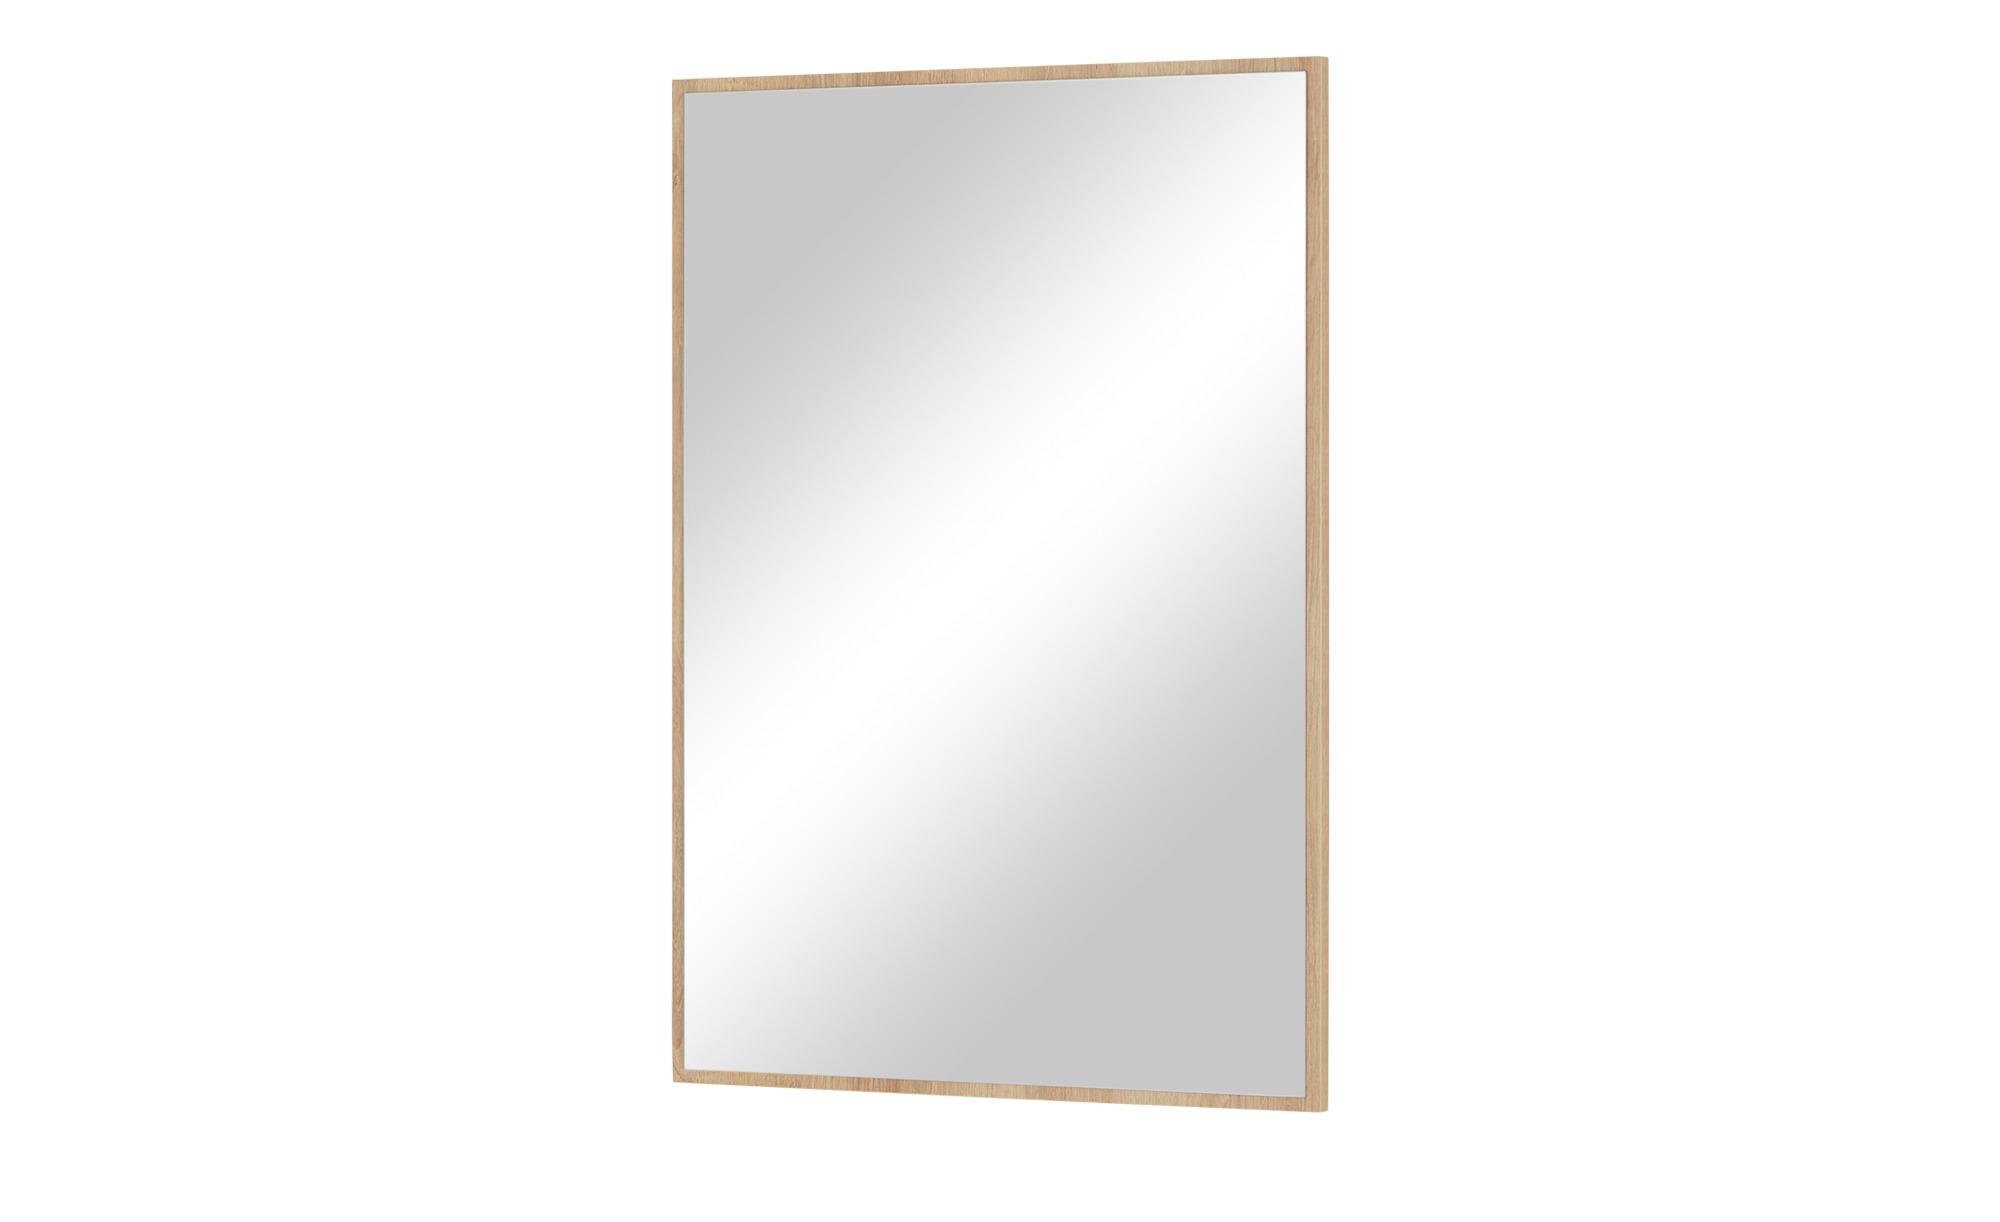 Spiegel - holzfarben - 55,8 cm - 80,8 cm - 2,2 cm - Garderoben & Kleidersta günstig online kaufen